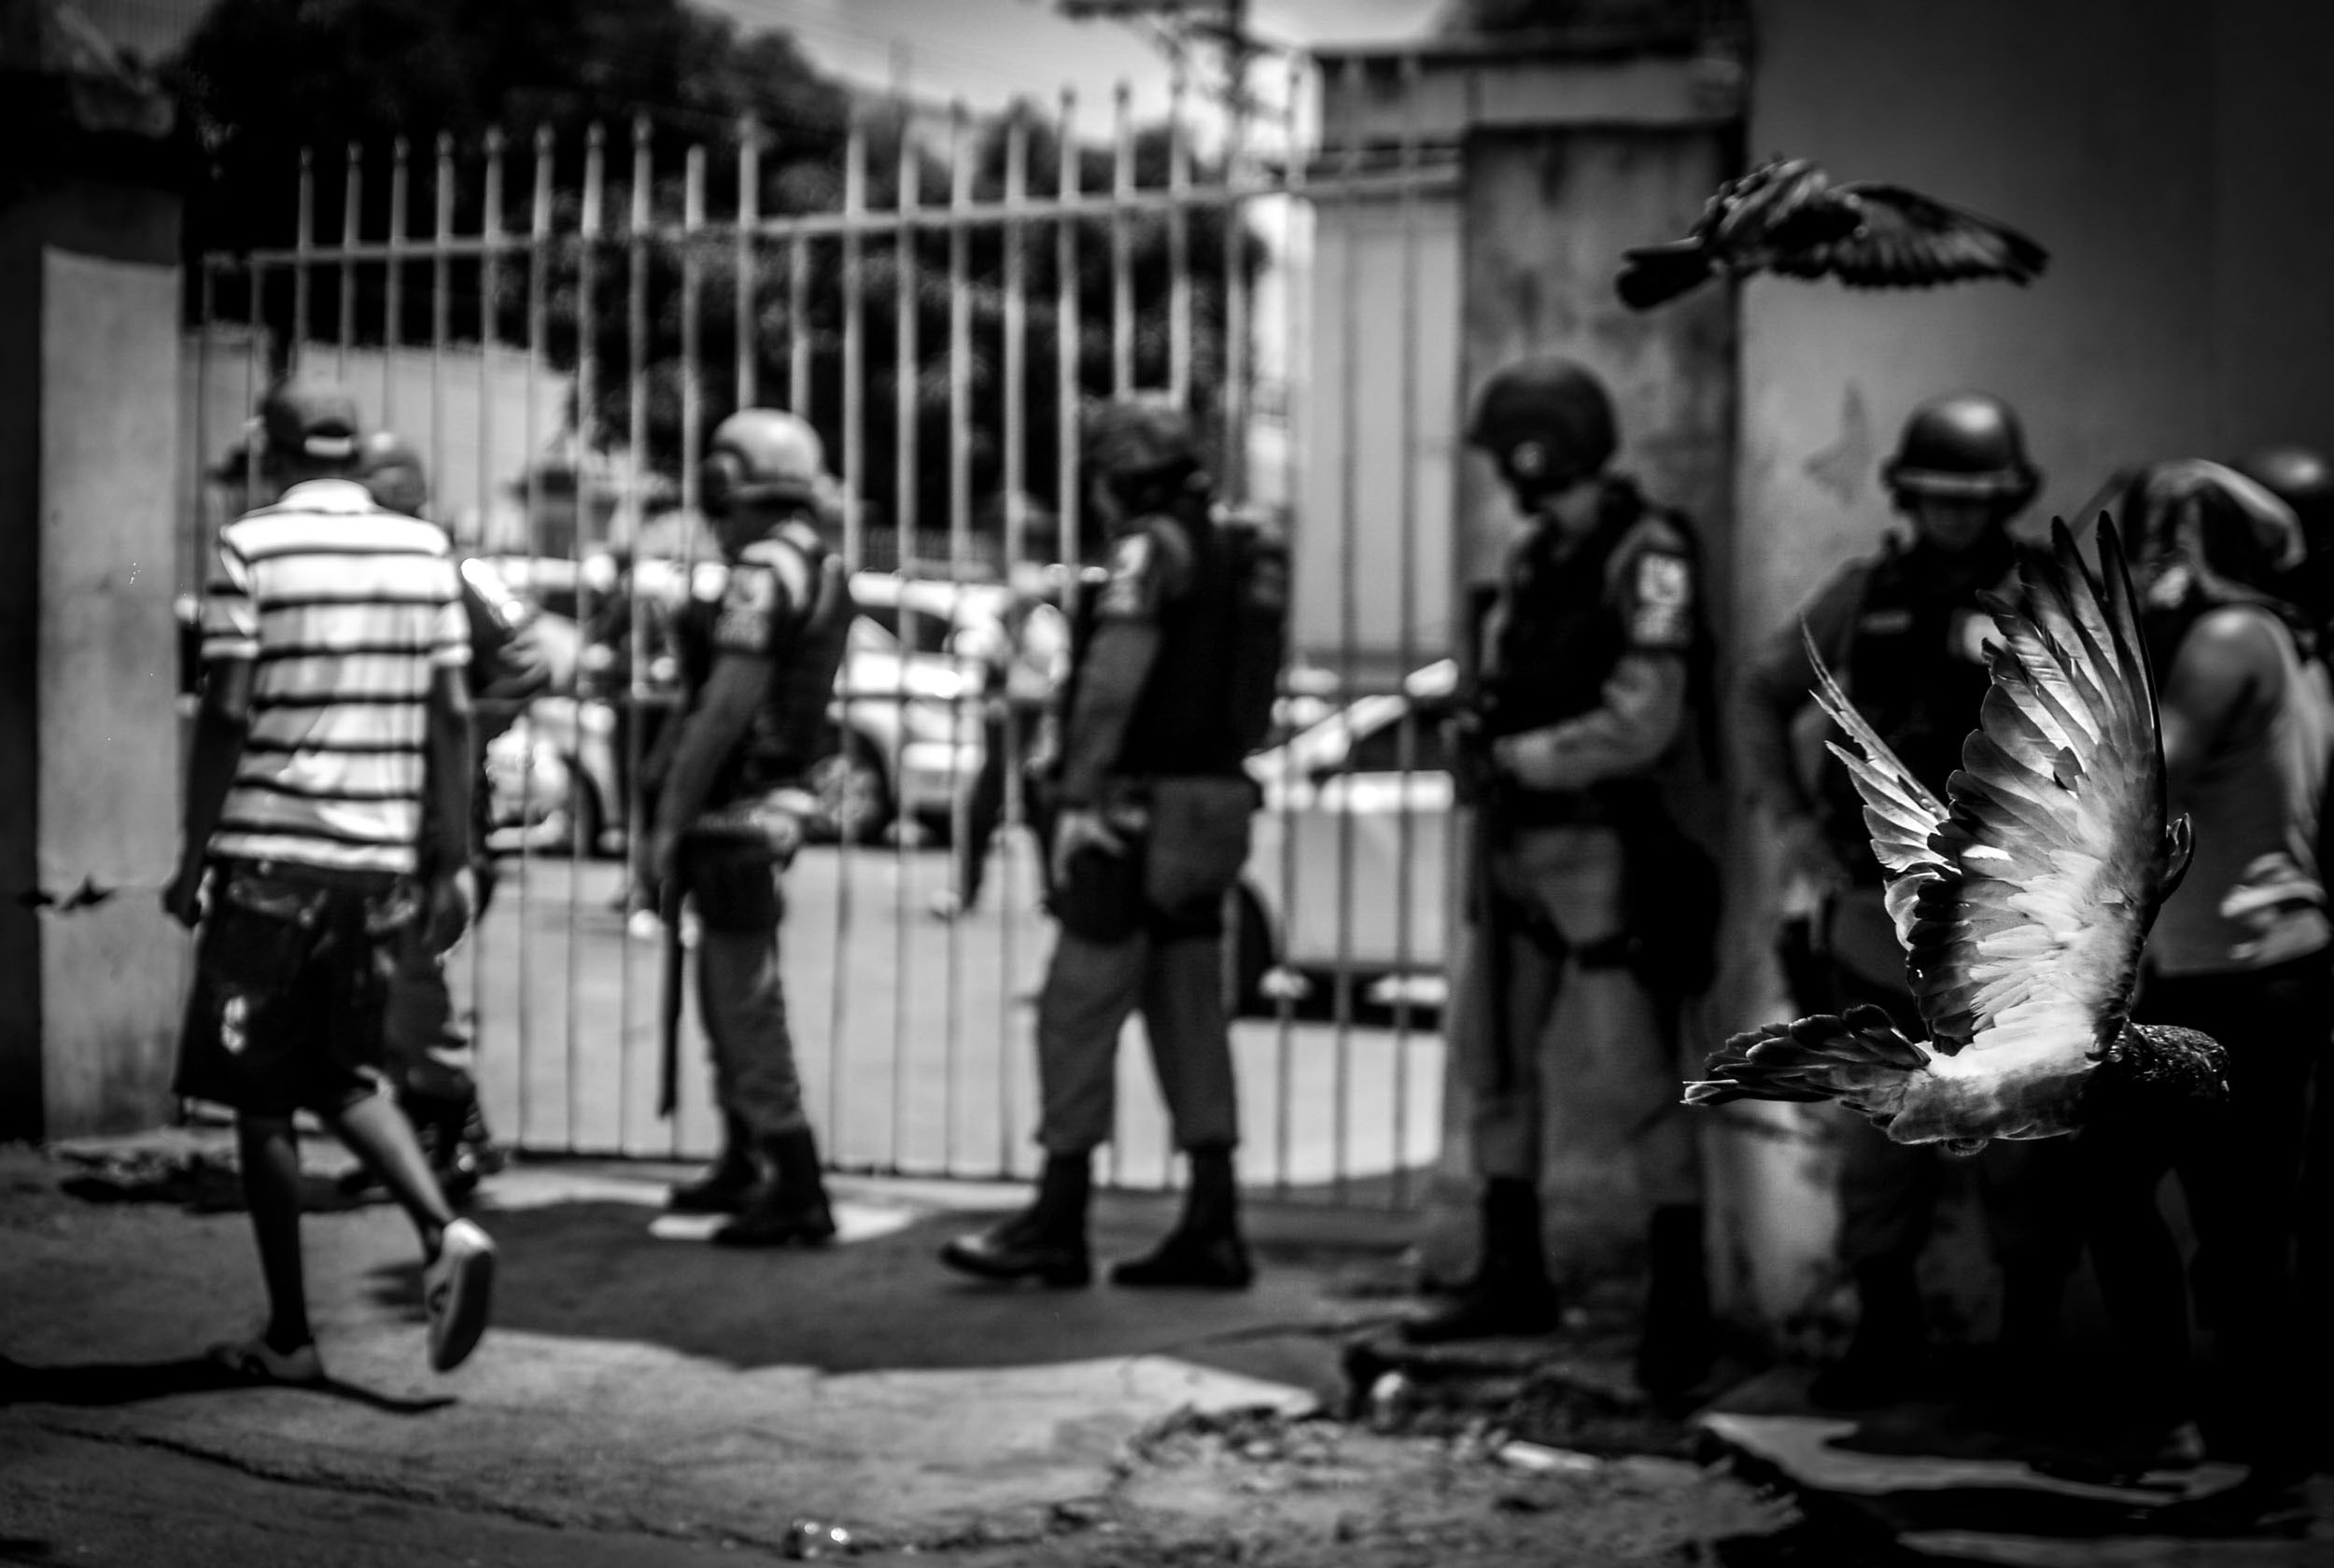 Massacres em presídios estão associados a violência institucionalizada